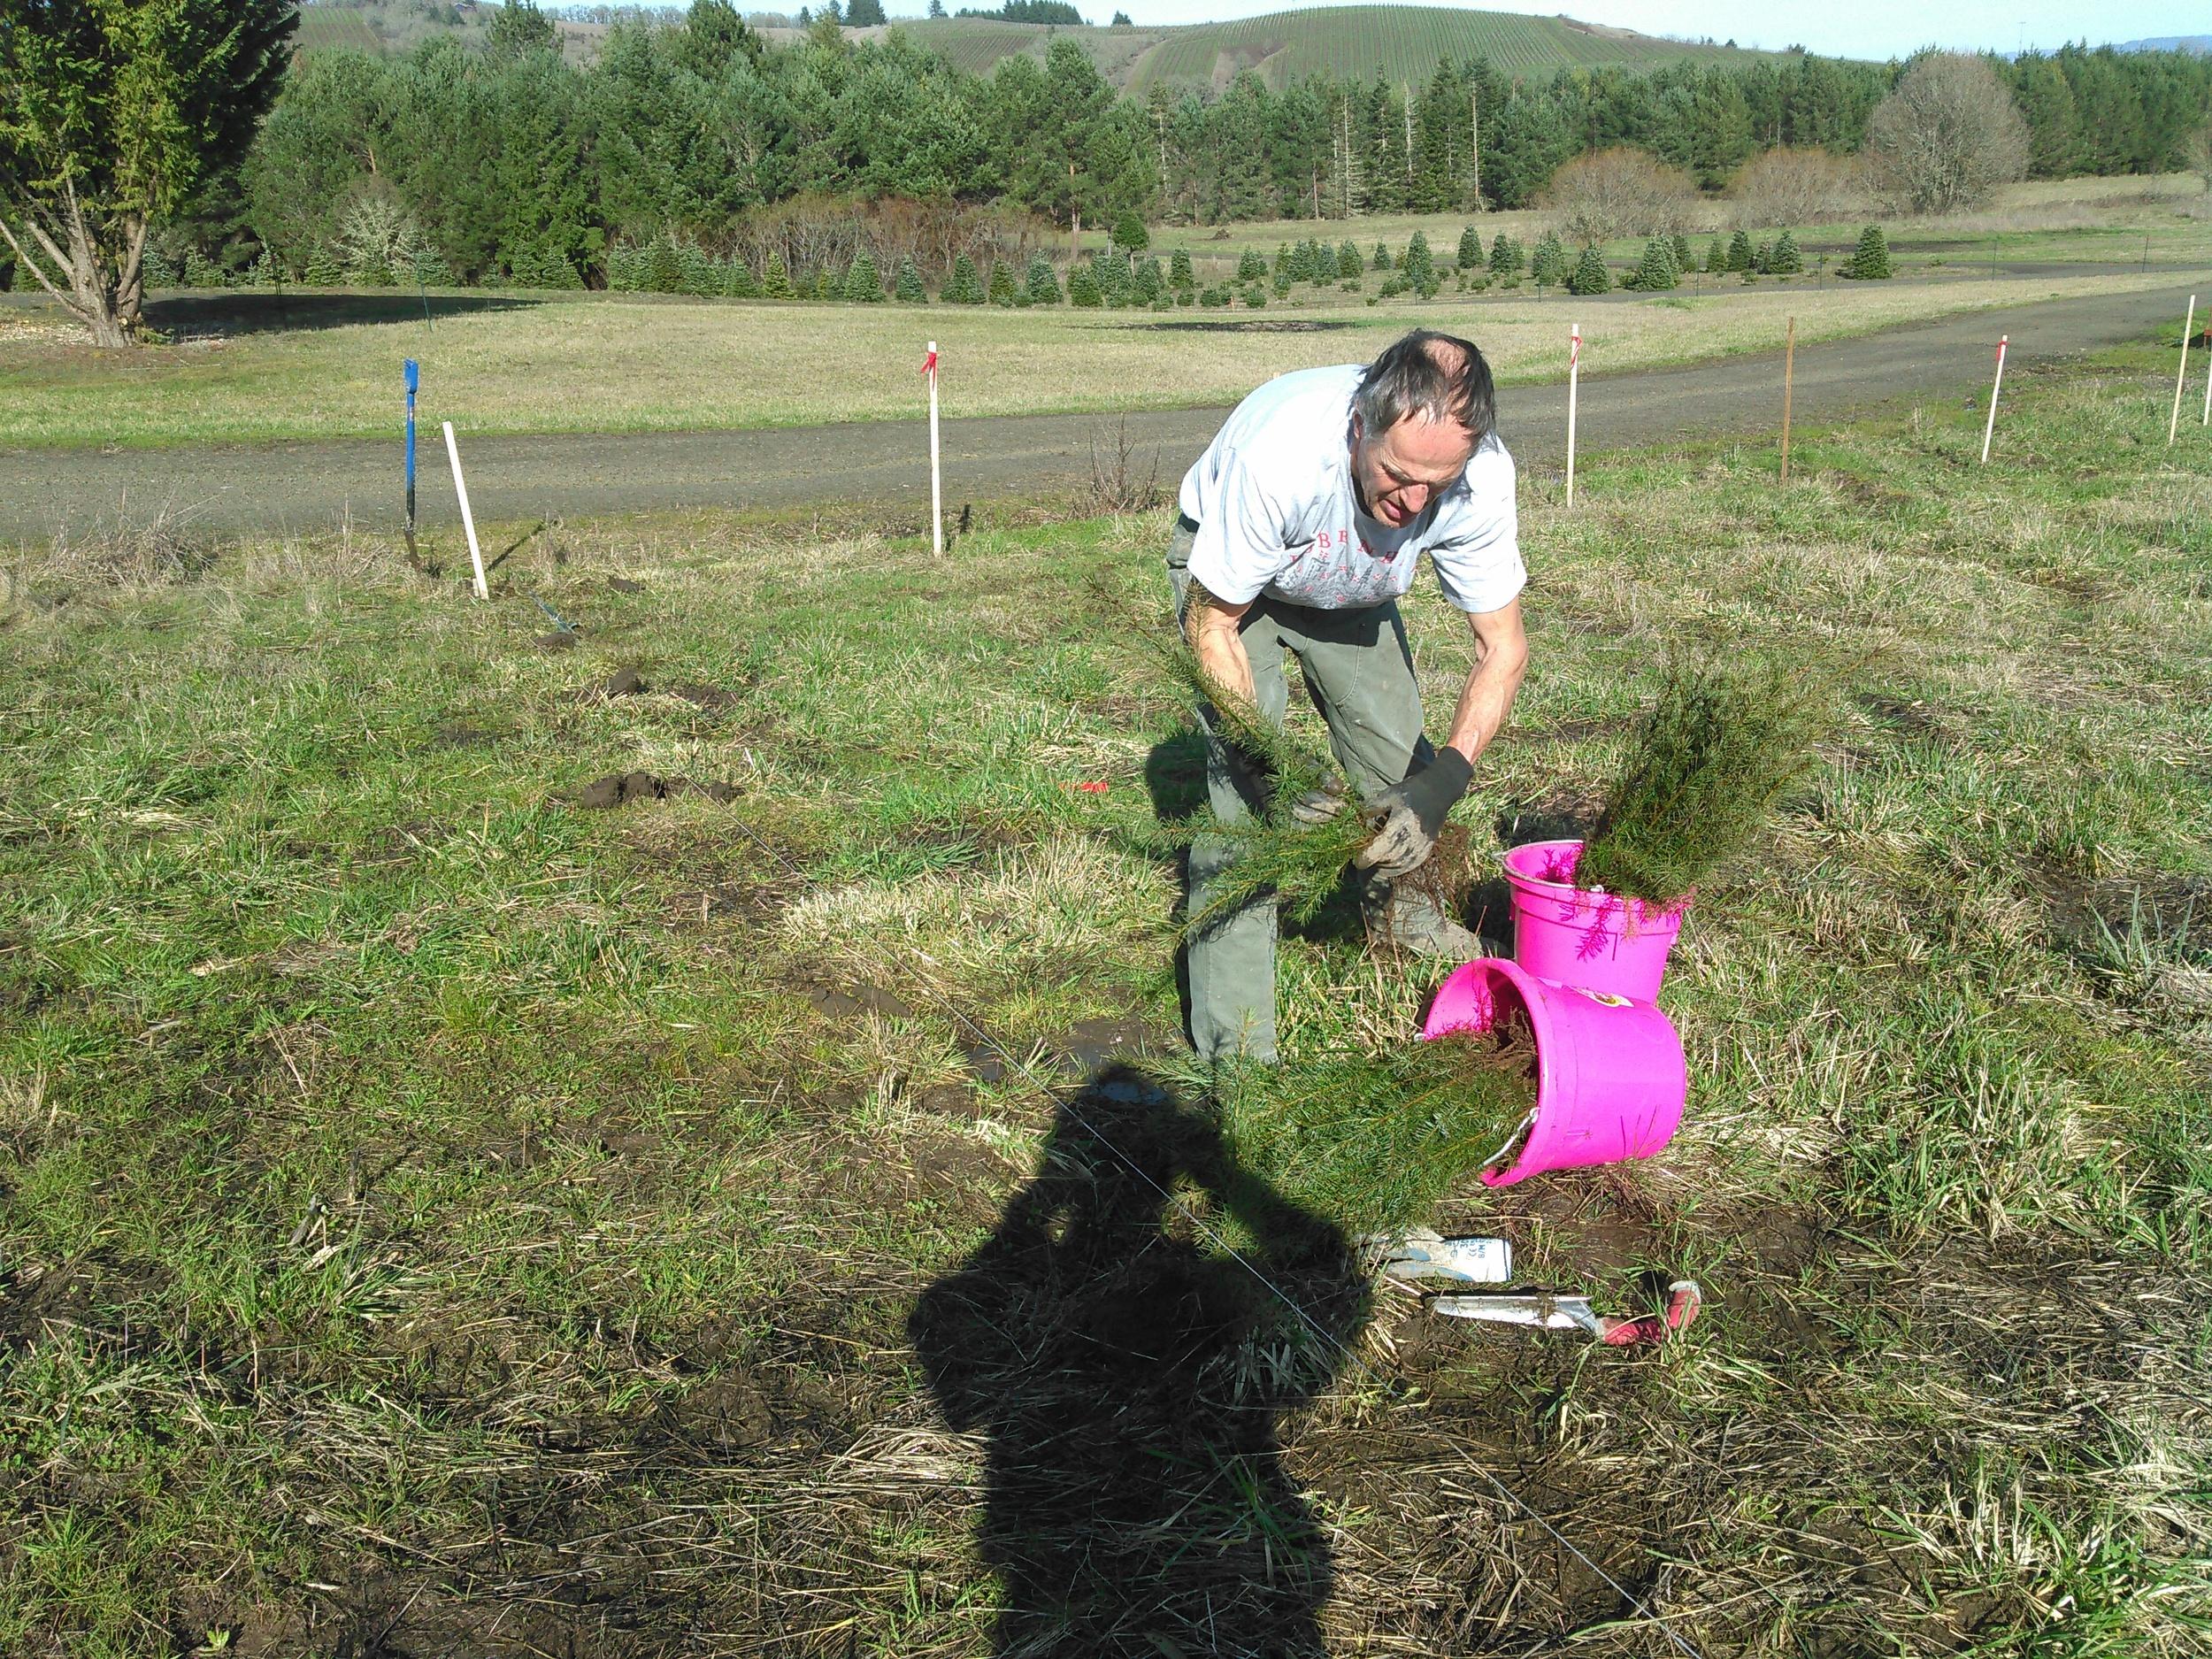 Replanting seedlings, Feb 2016.